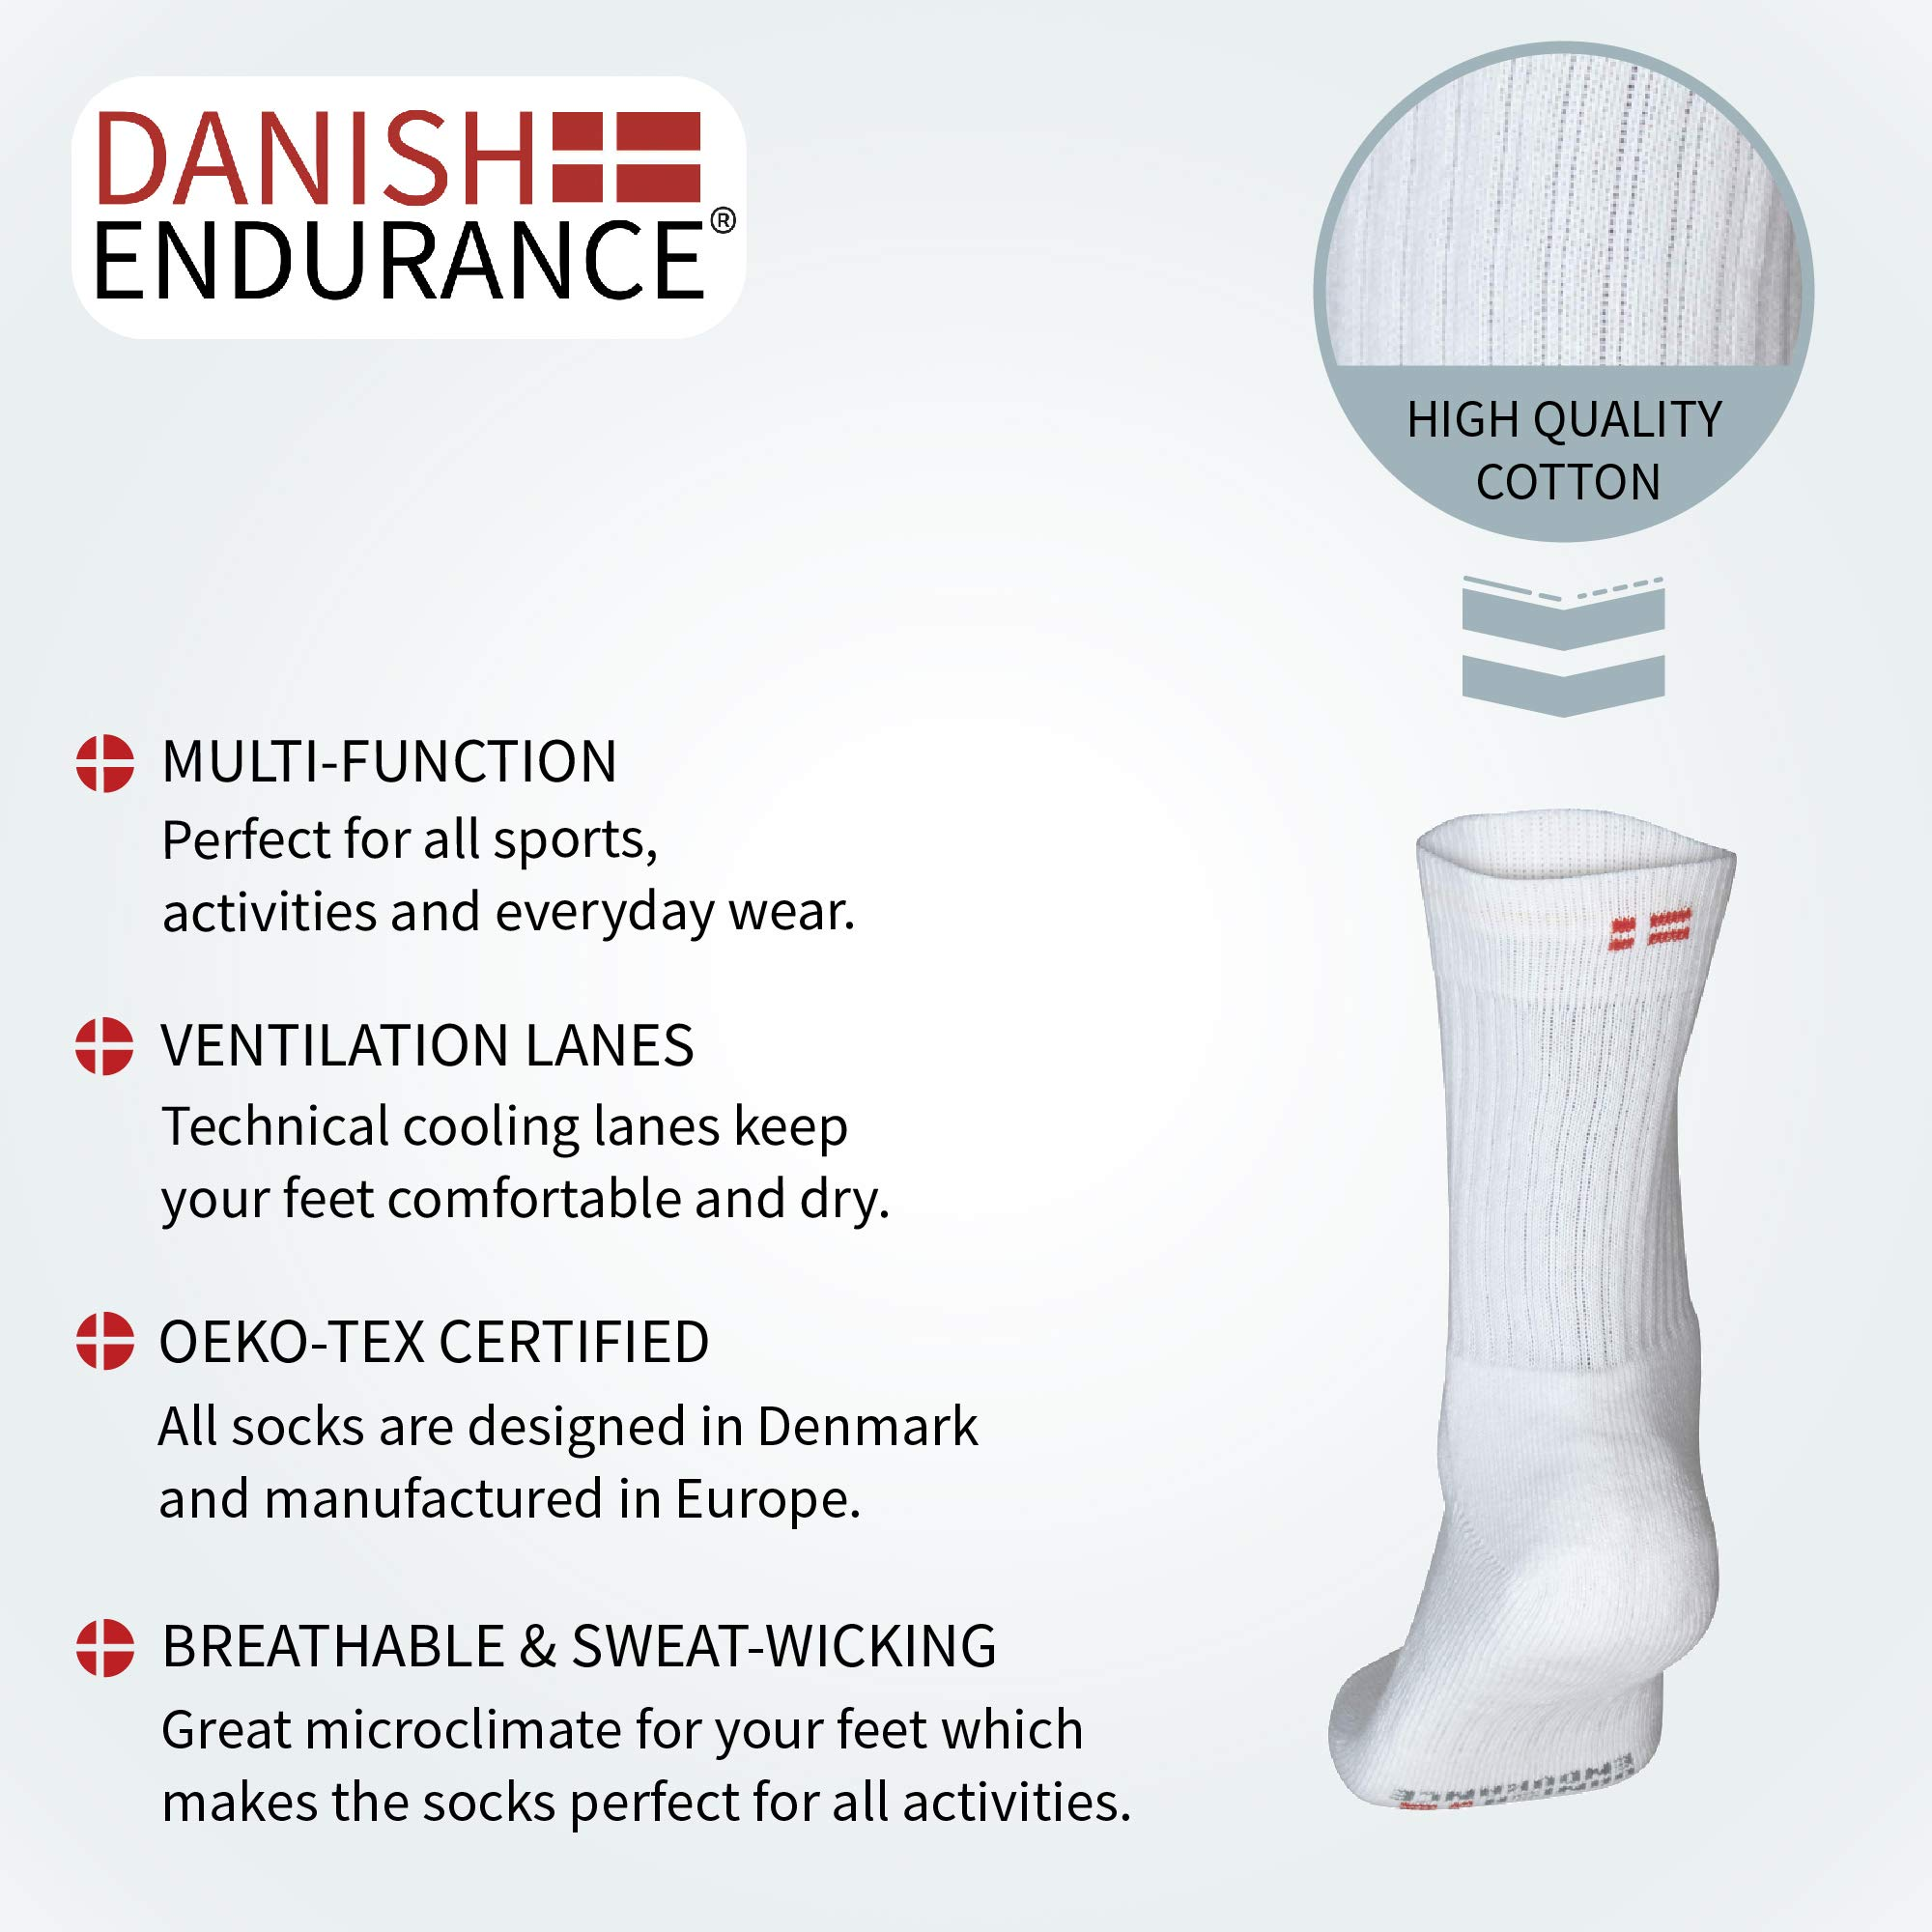 db12827c977a3f DANISH ENDURANCE Calzini Tennis Performance Crew, Controllo del Sudore,  Morbida Soletta Rinforzata, Multi-Pack, Uomo e Donna, Traspiranti, Primavera